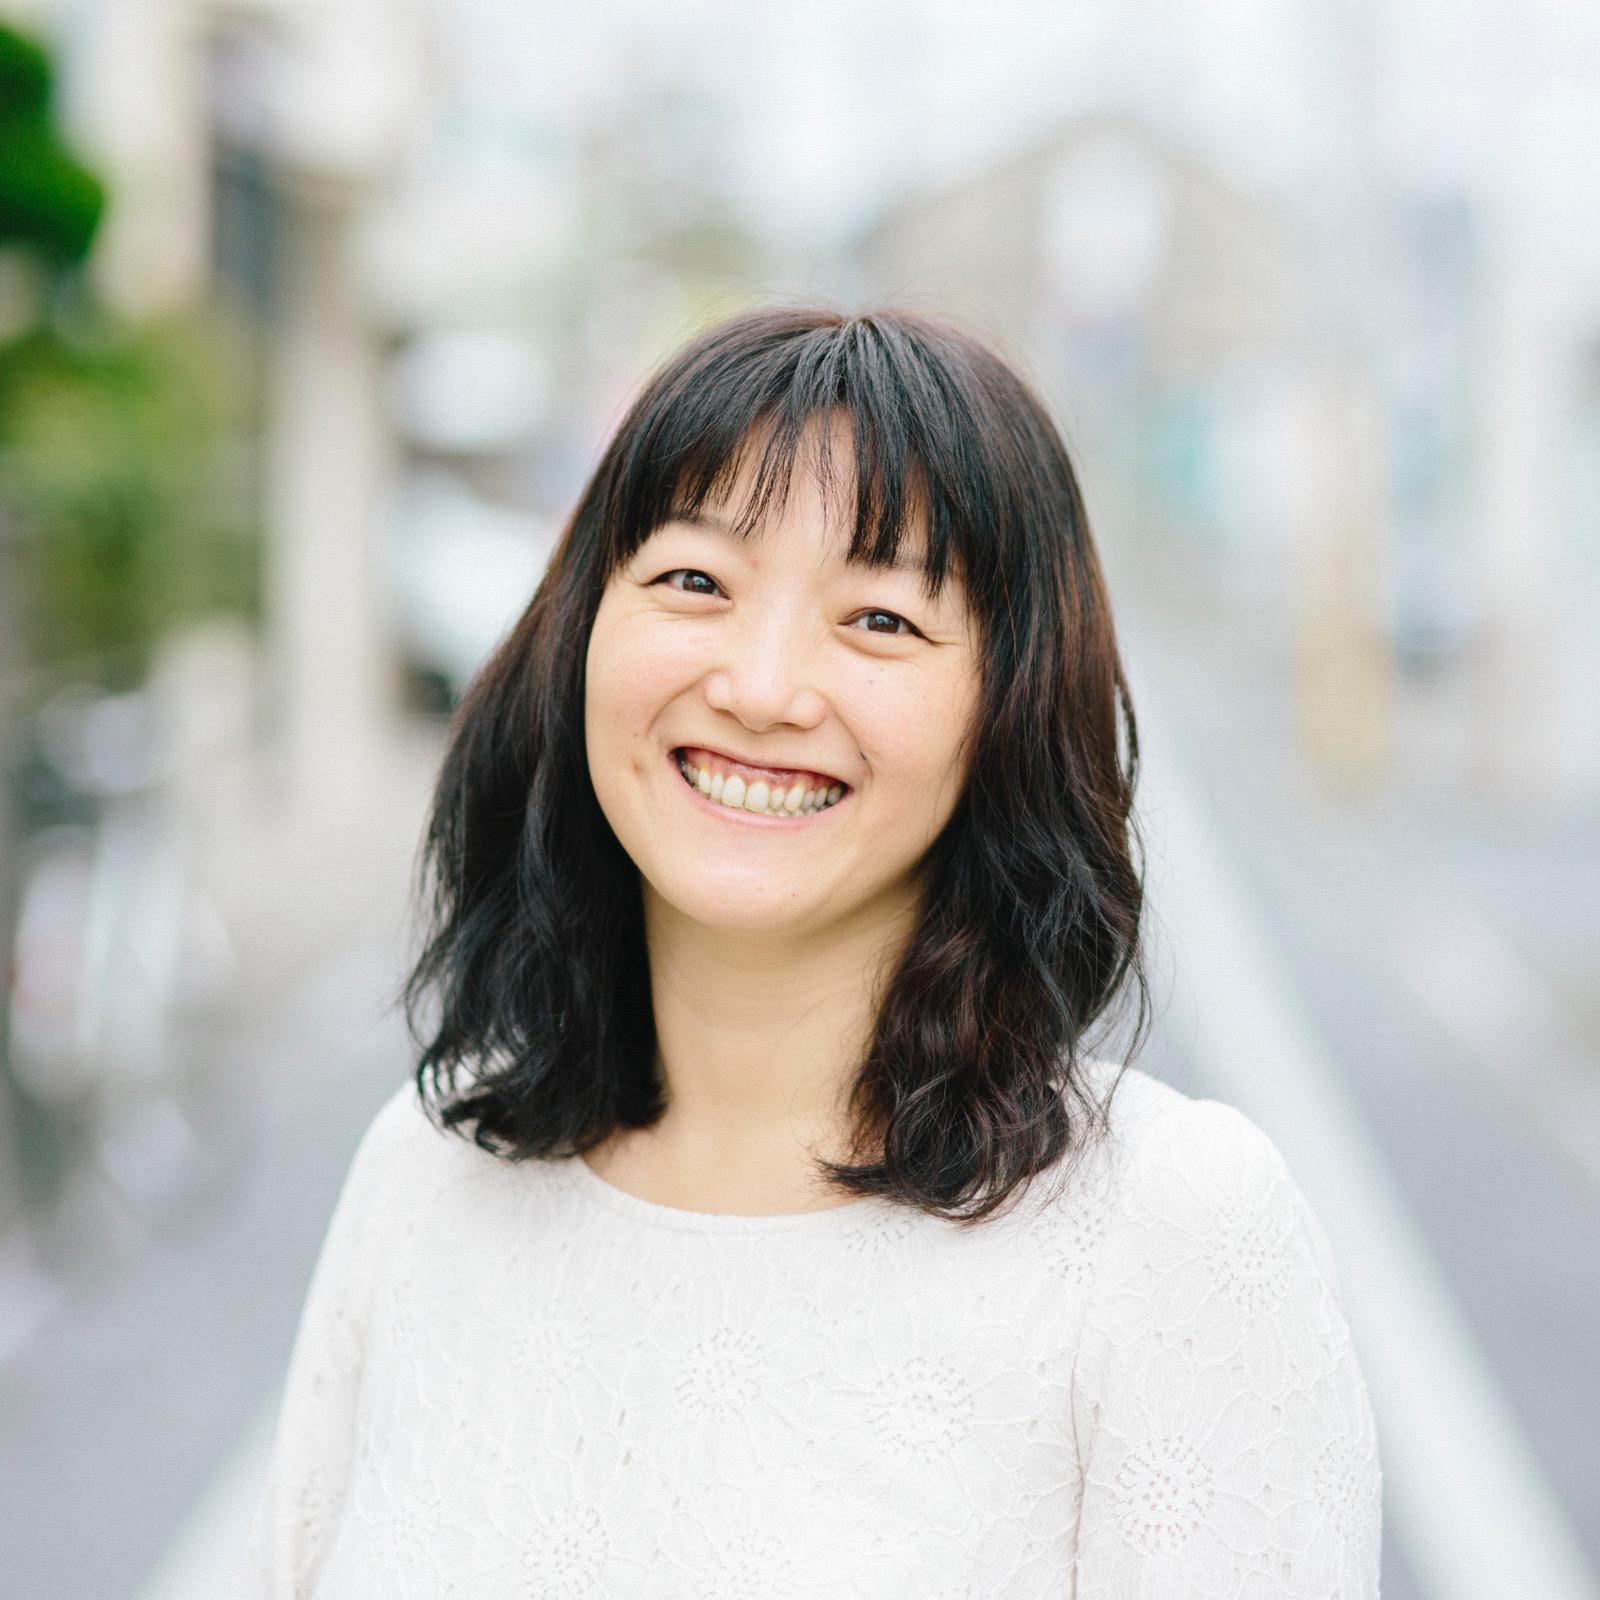 「にほんご×こどもプロジェクト」代表の田中さん